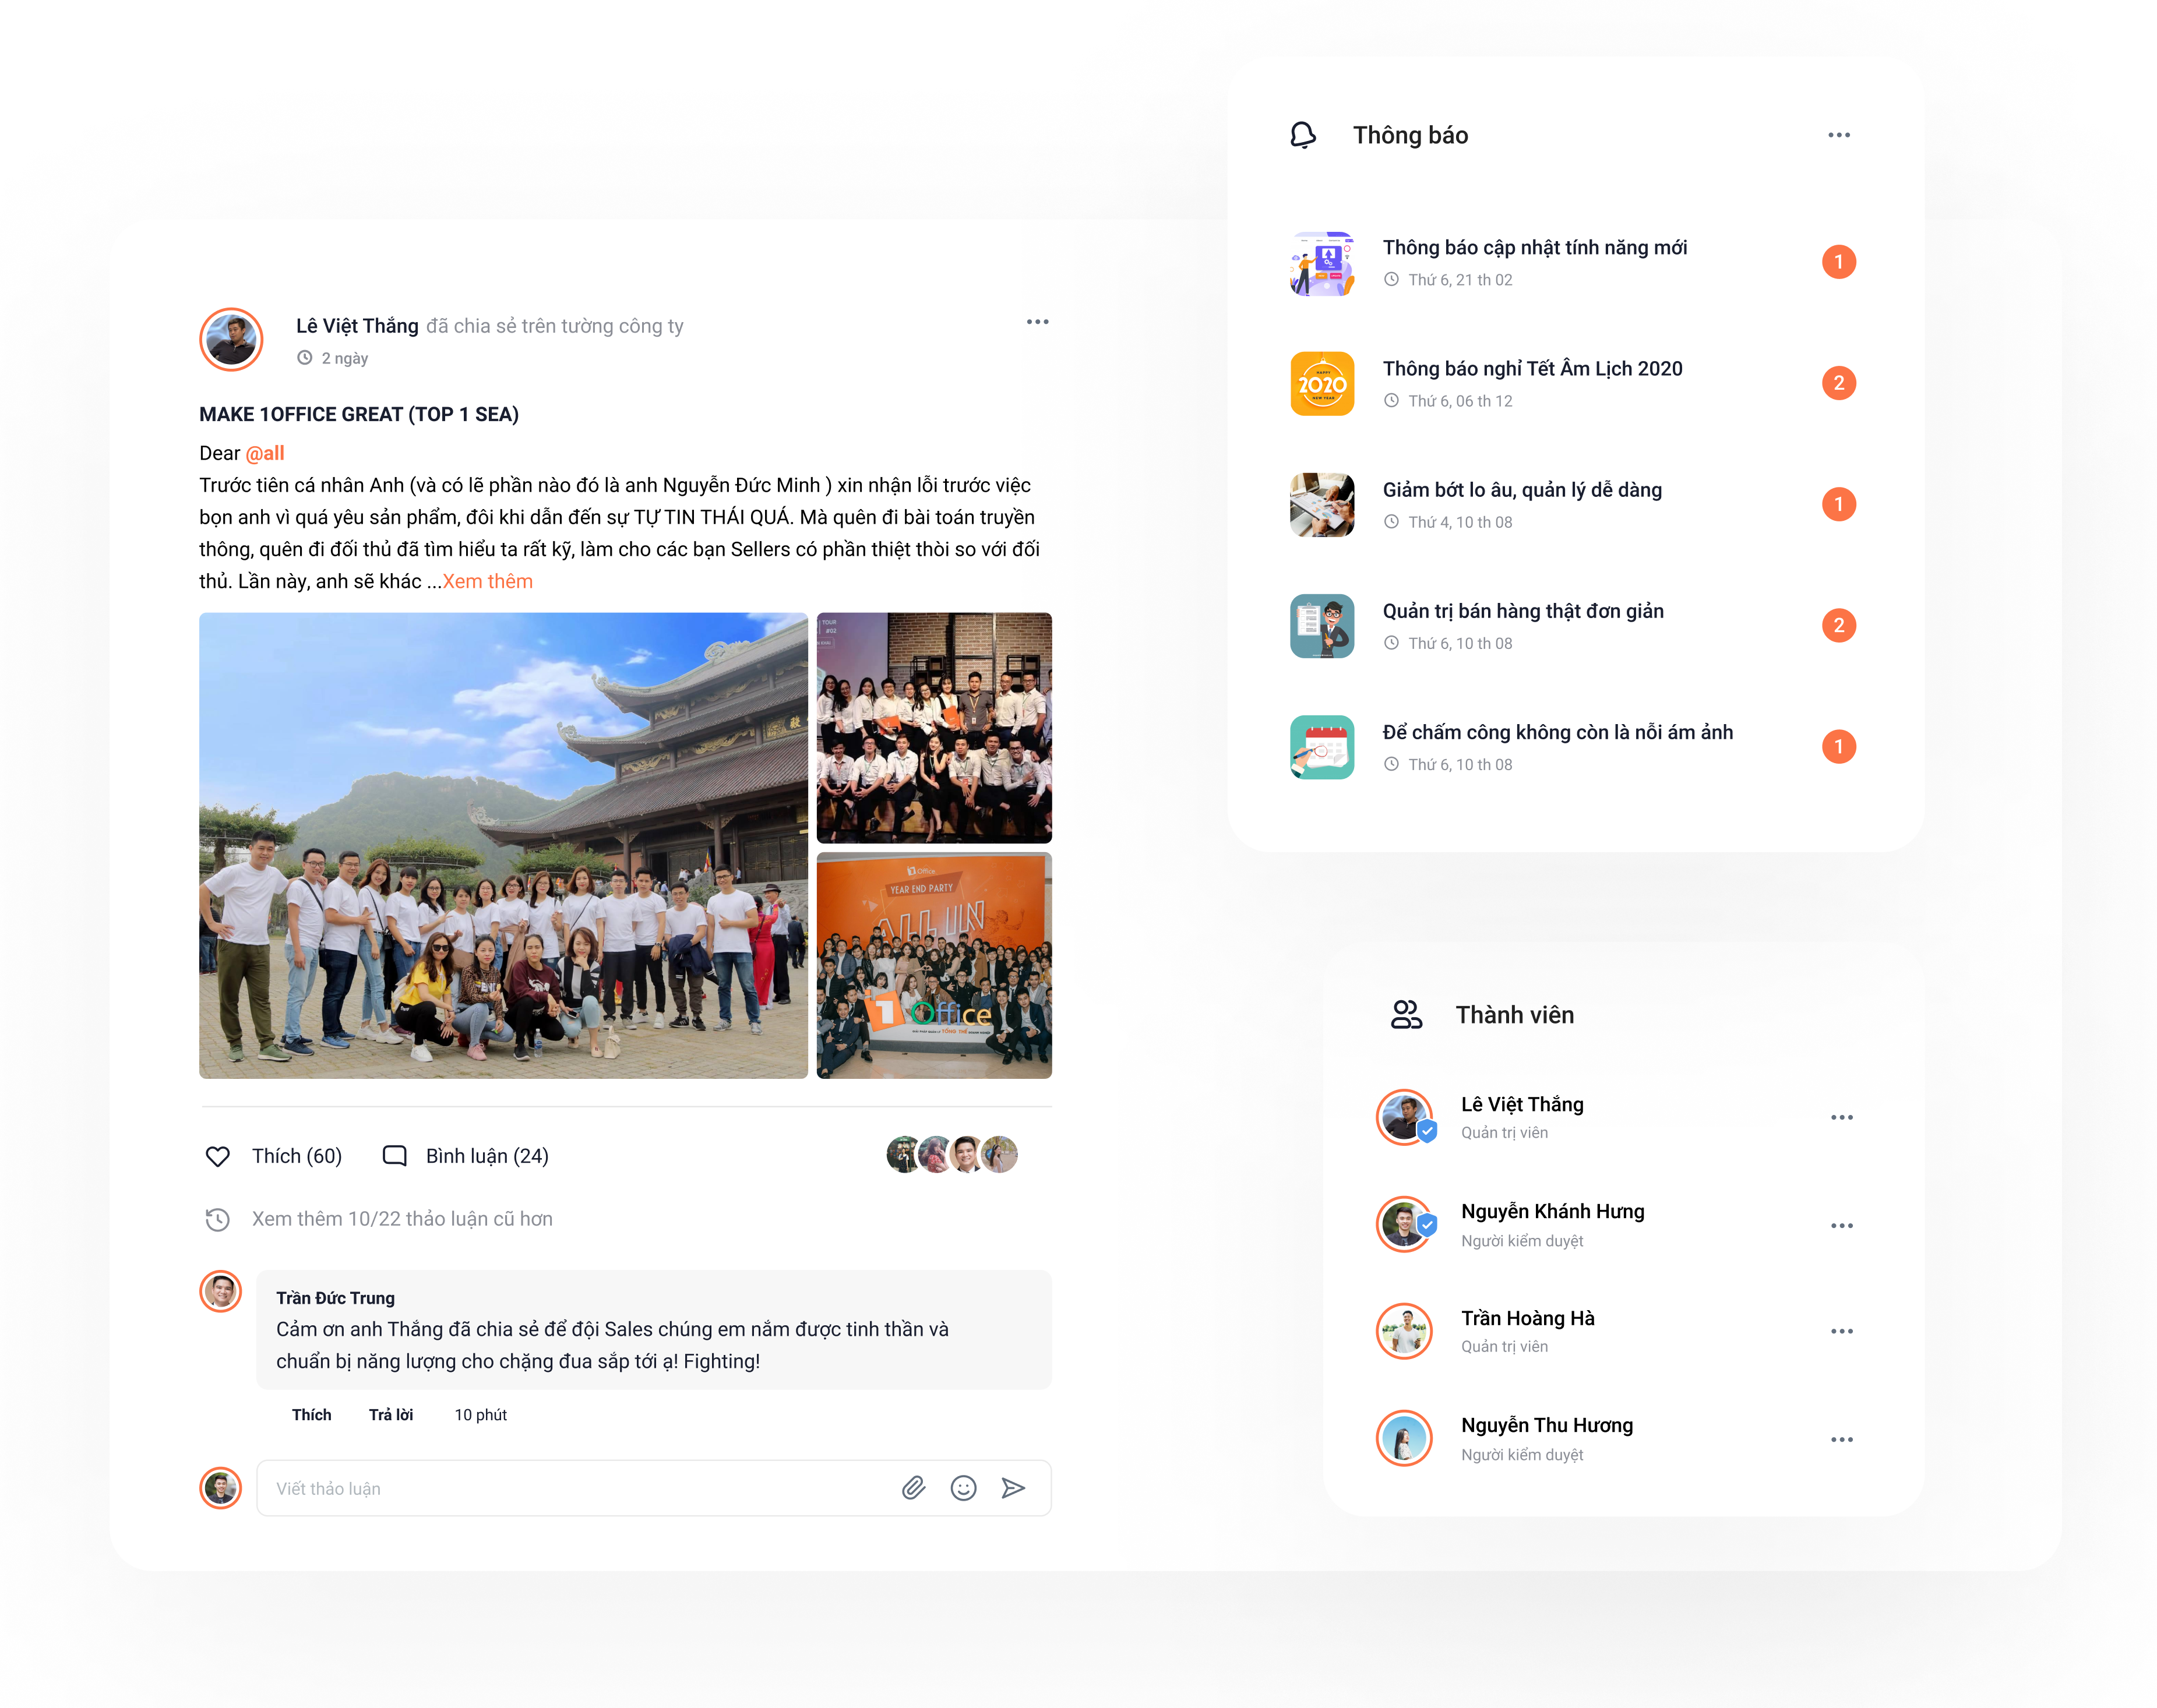 Mạng nội bộ doanh nghiệp cho phép người dùng có thể dễ dàng kết nối với đồng nghiệp